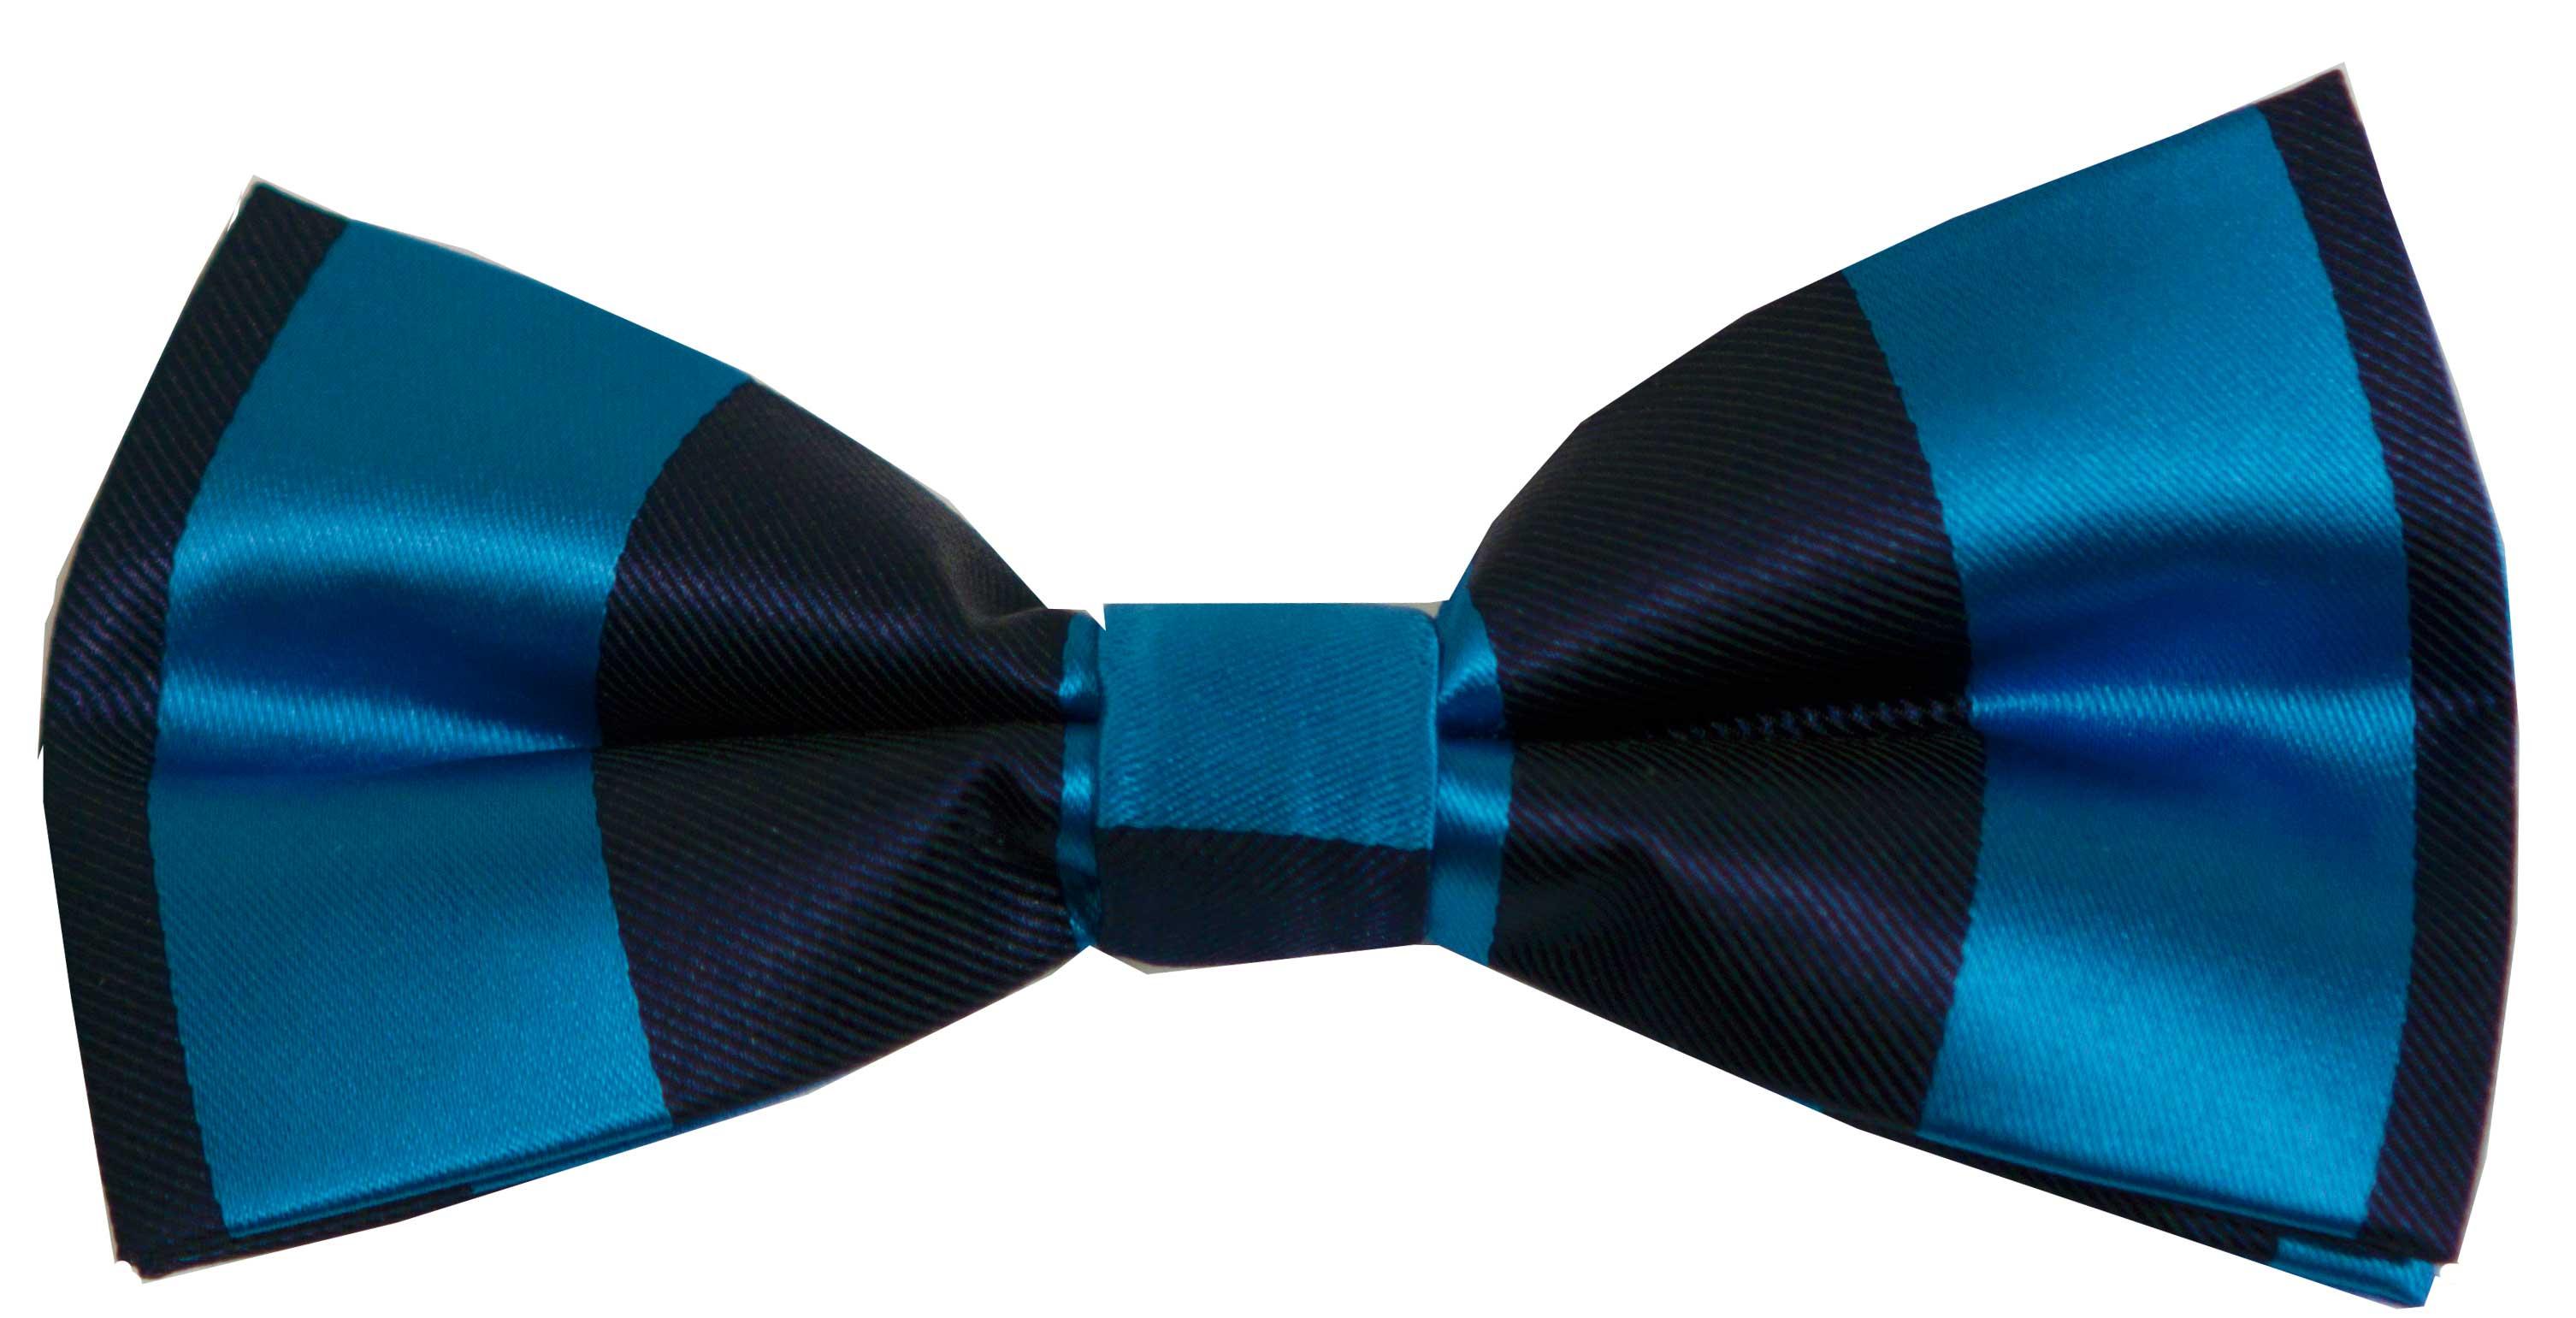 Fluga (blå och mörkblå)